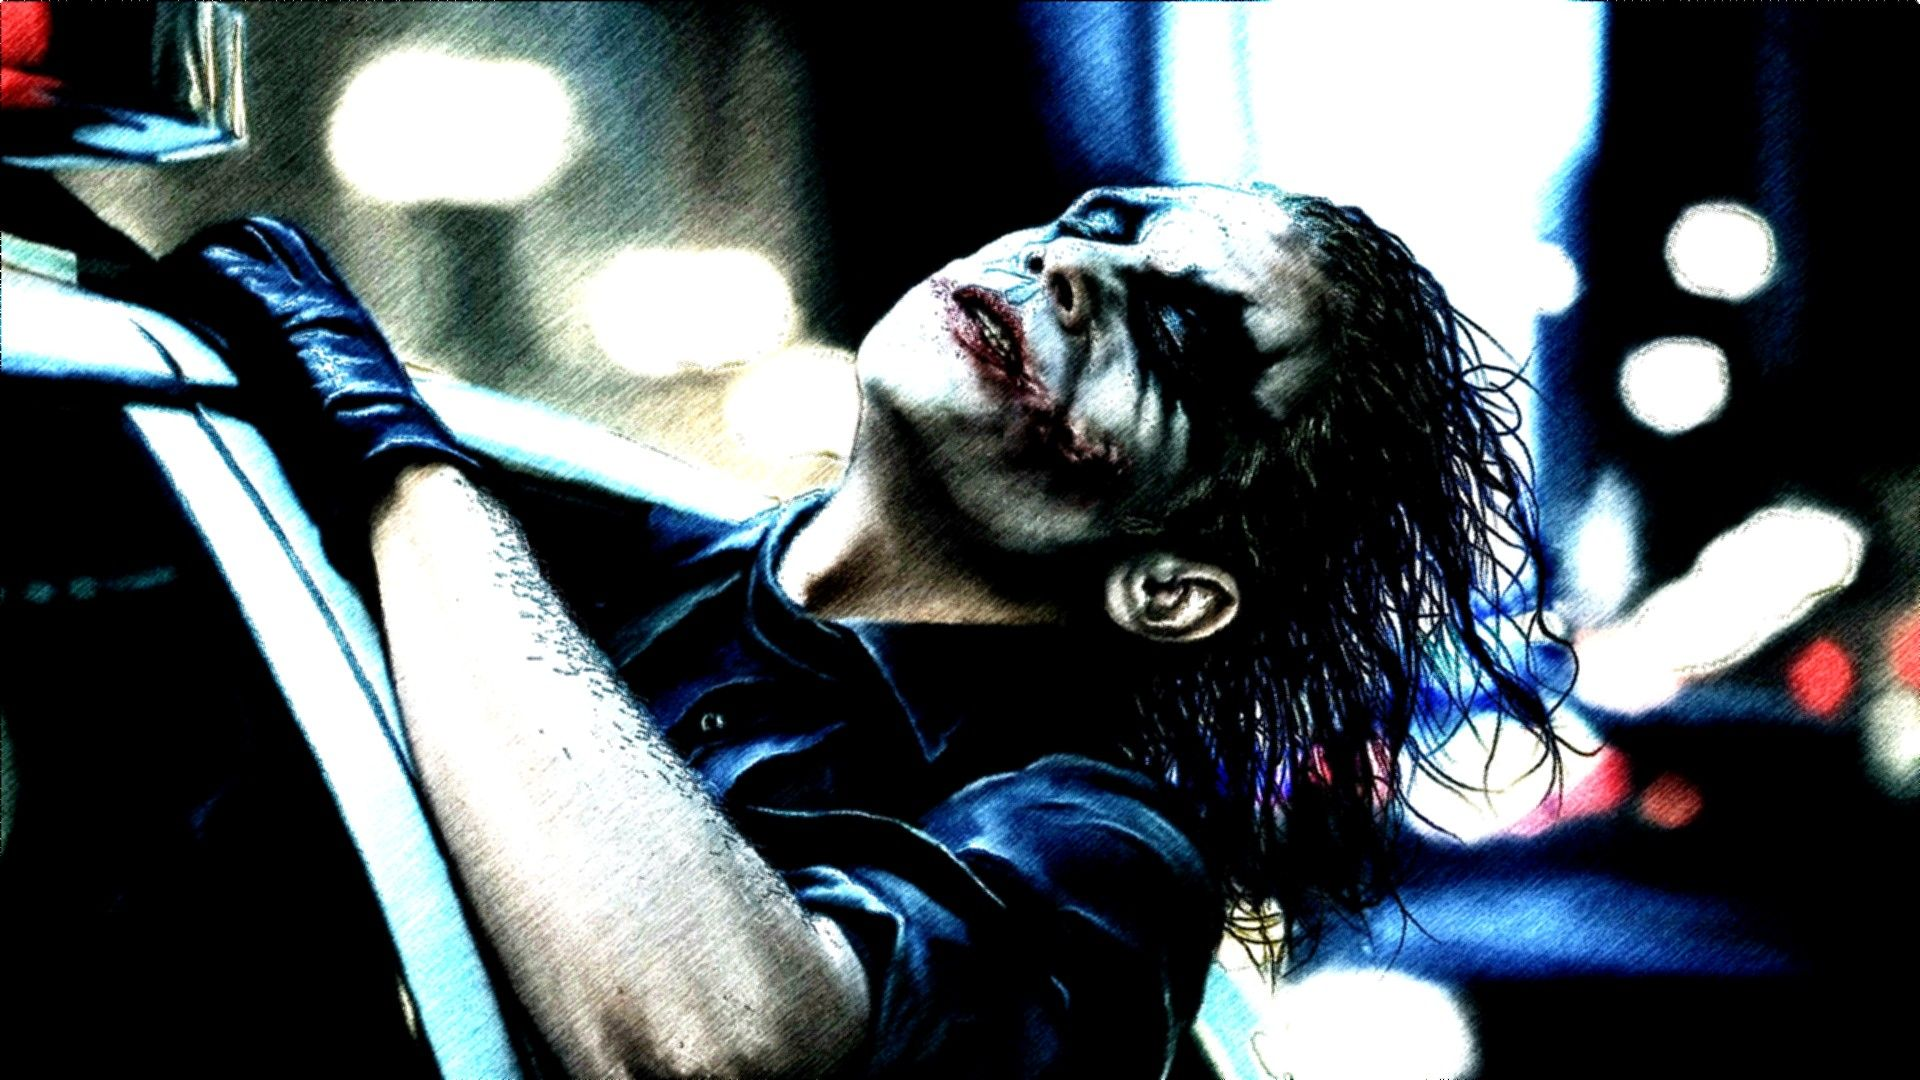 Joker in Suicide Squad Wallpaper Download Best Desktop HD Wallpapers 1920x1080